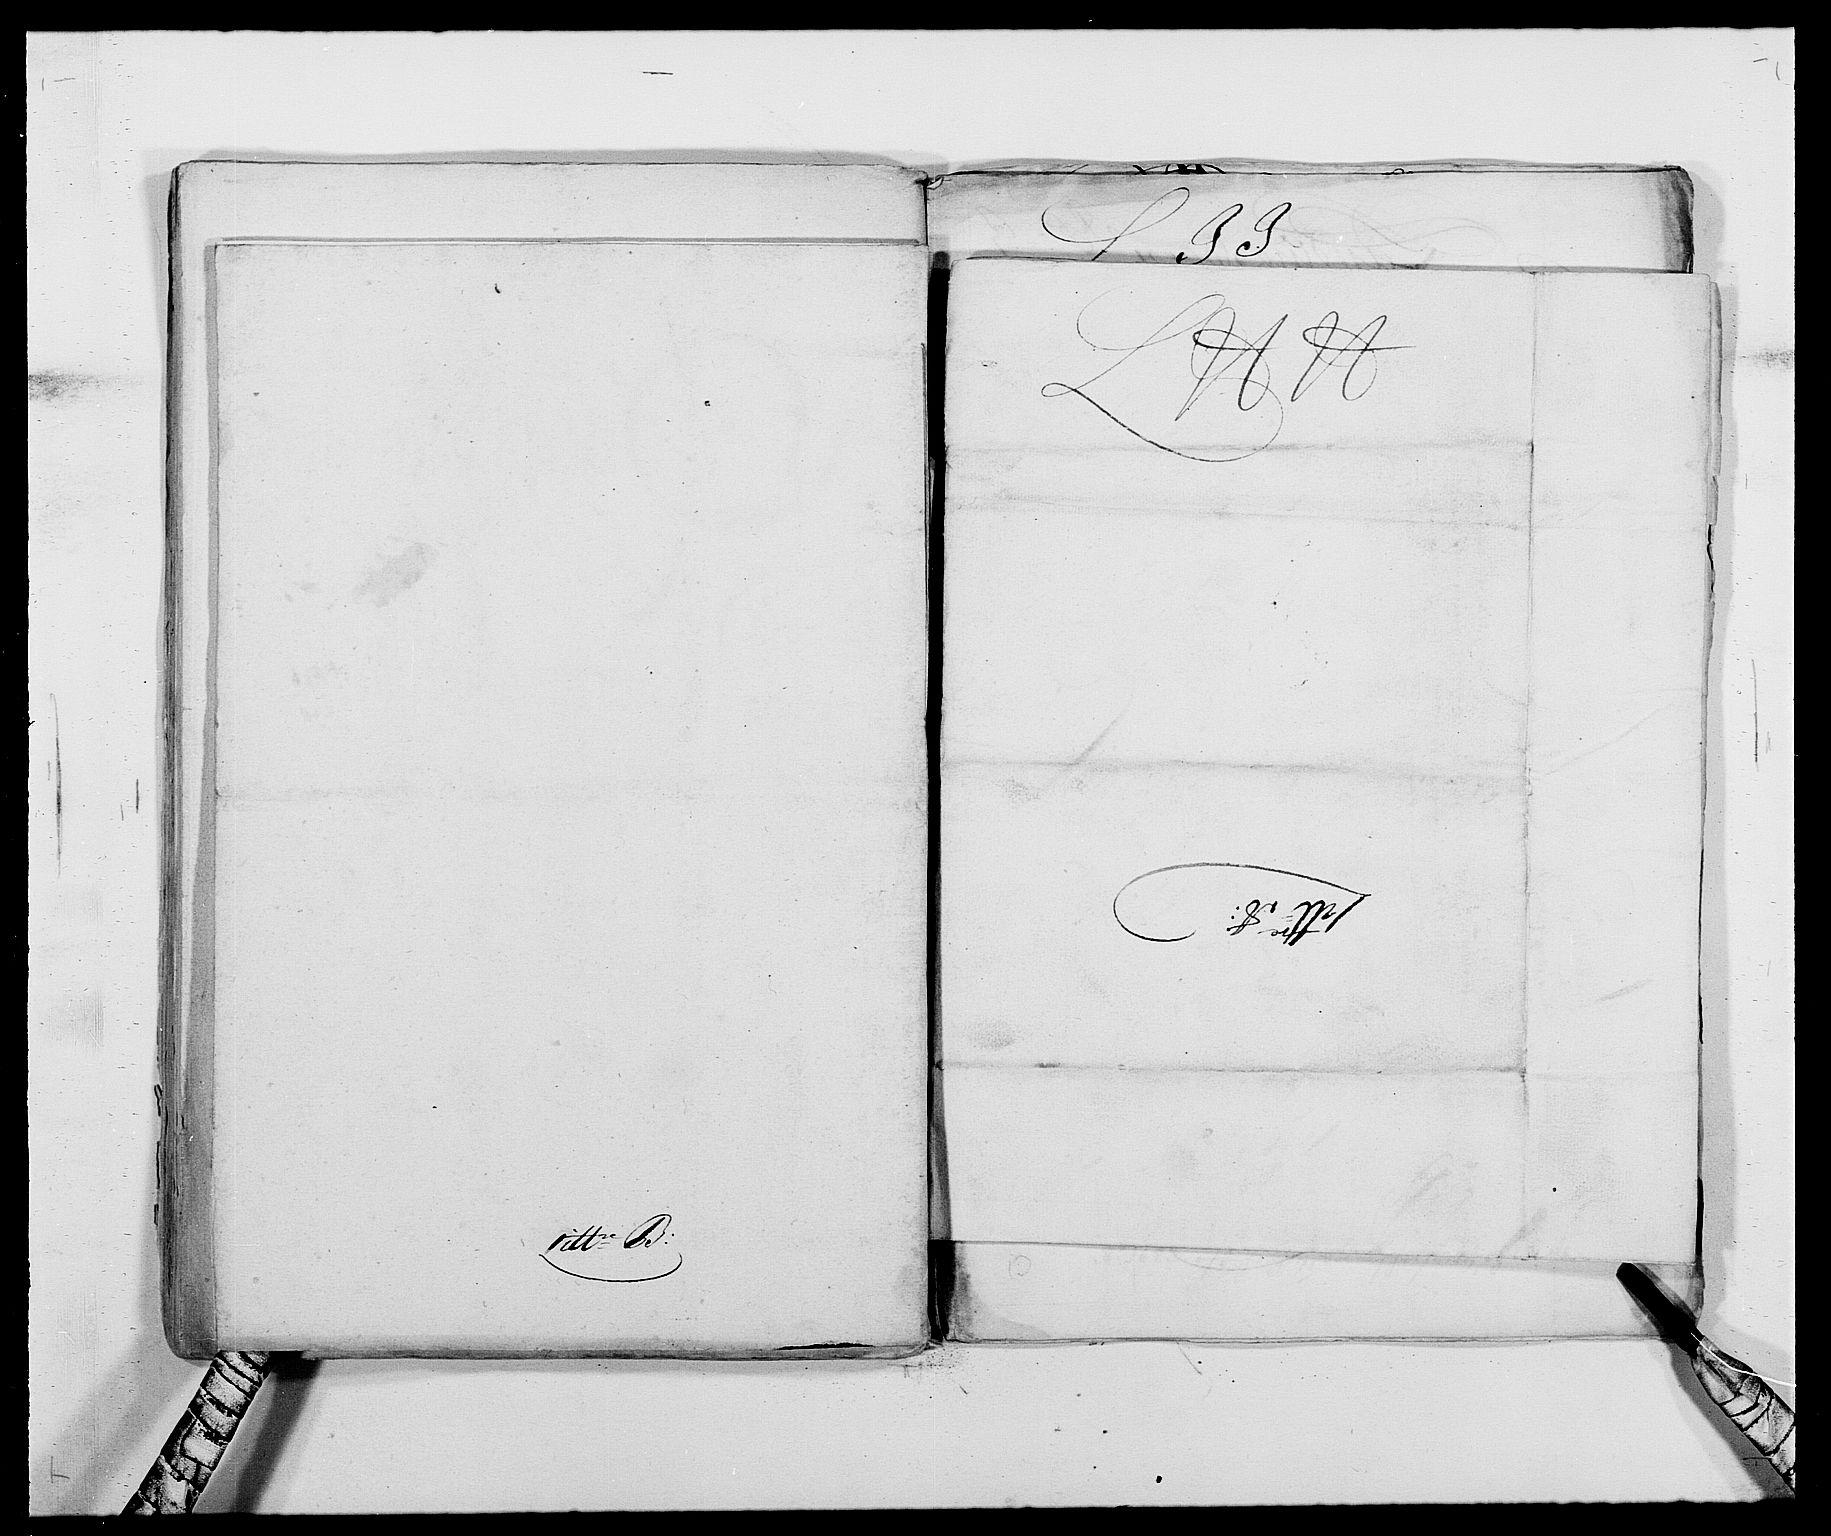 RA, Rentekammeret inntil 1814, Reviderte regnskaper, Fogderegnskap, R39/L2309: Fogderegnskap Nedenes, 1684-1689, s. 89